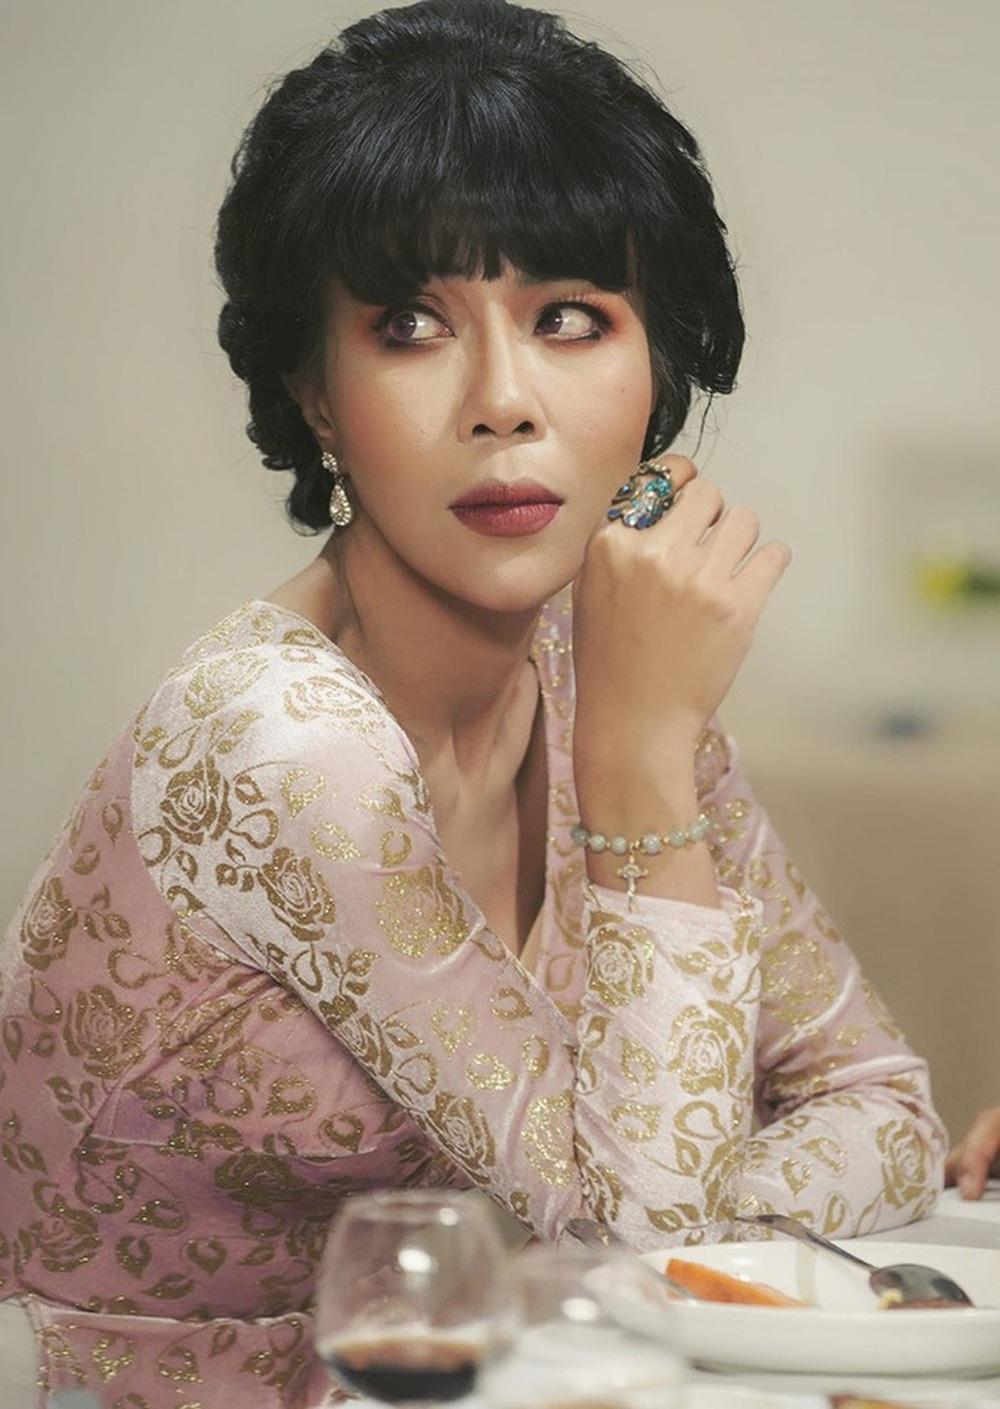 MC Trác Thúy Miêu bị xử phạt hành chính 7,5 triệu đồng  - Ảnh 1.